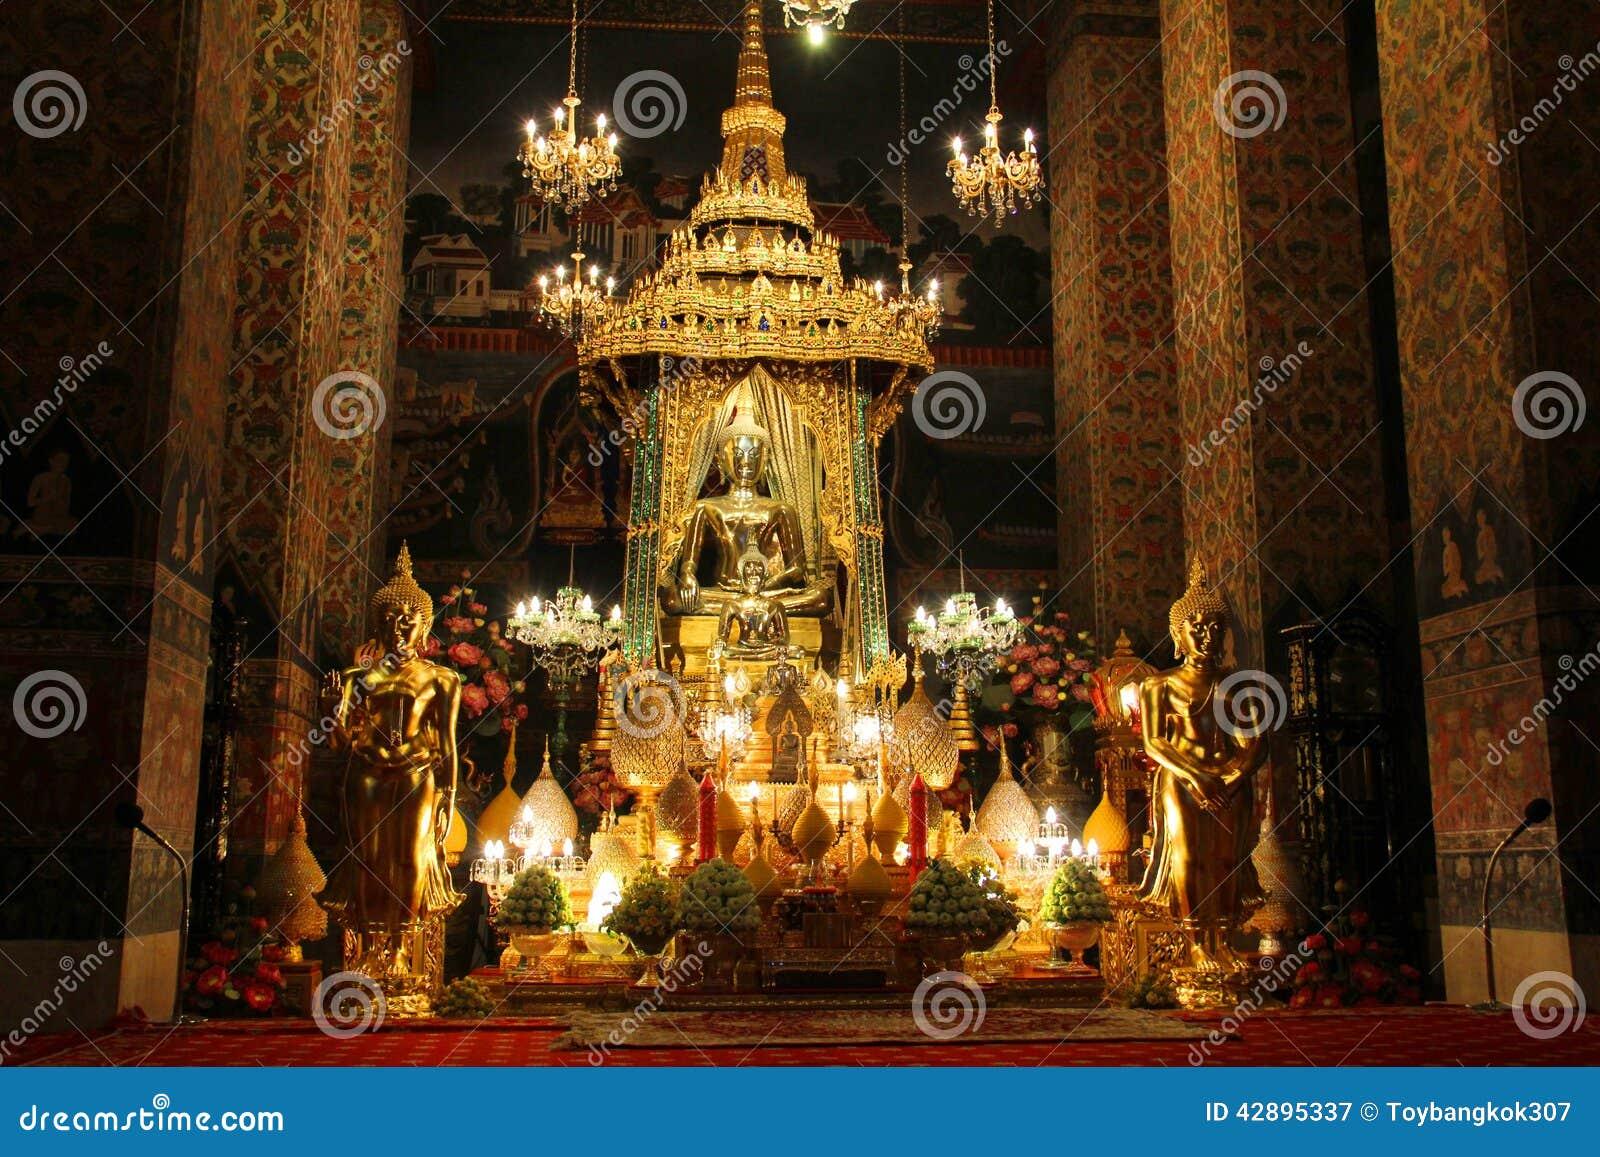 Wat Pathum Wanaram Stock Photo - Image: 42895337